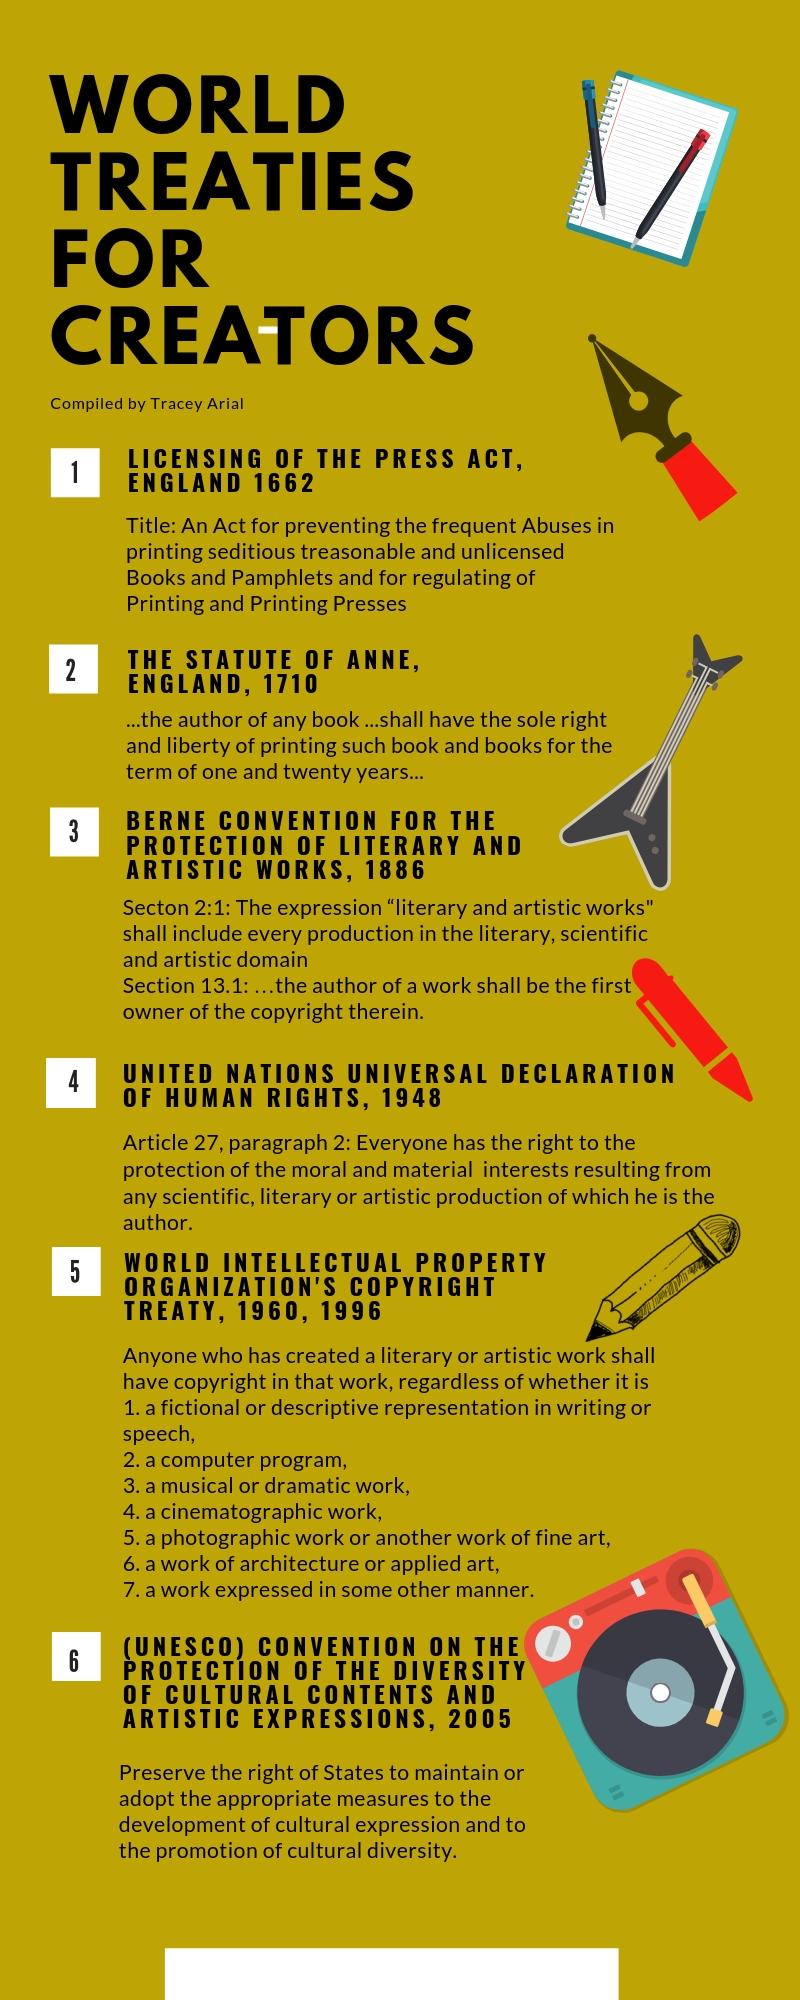 Treaties for creators